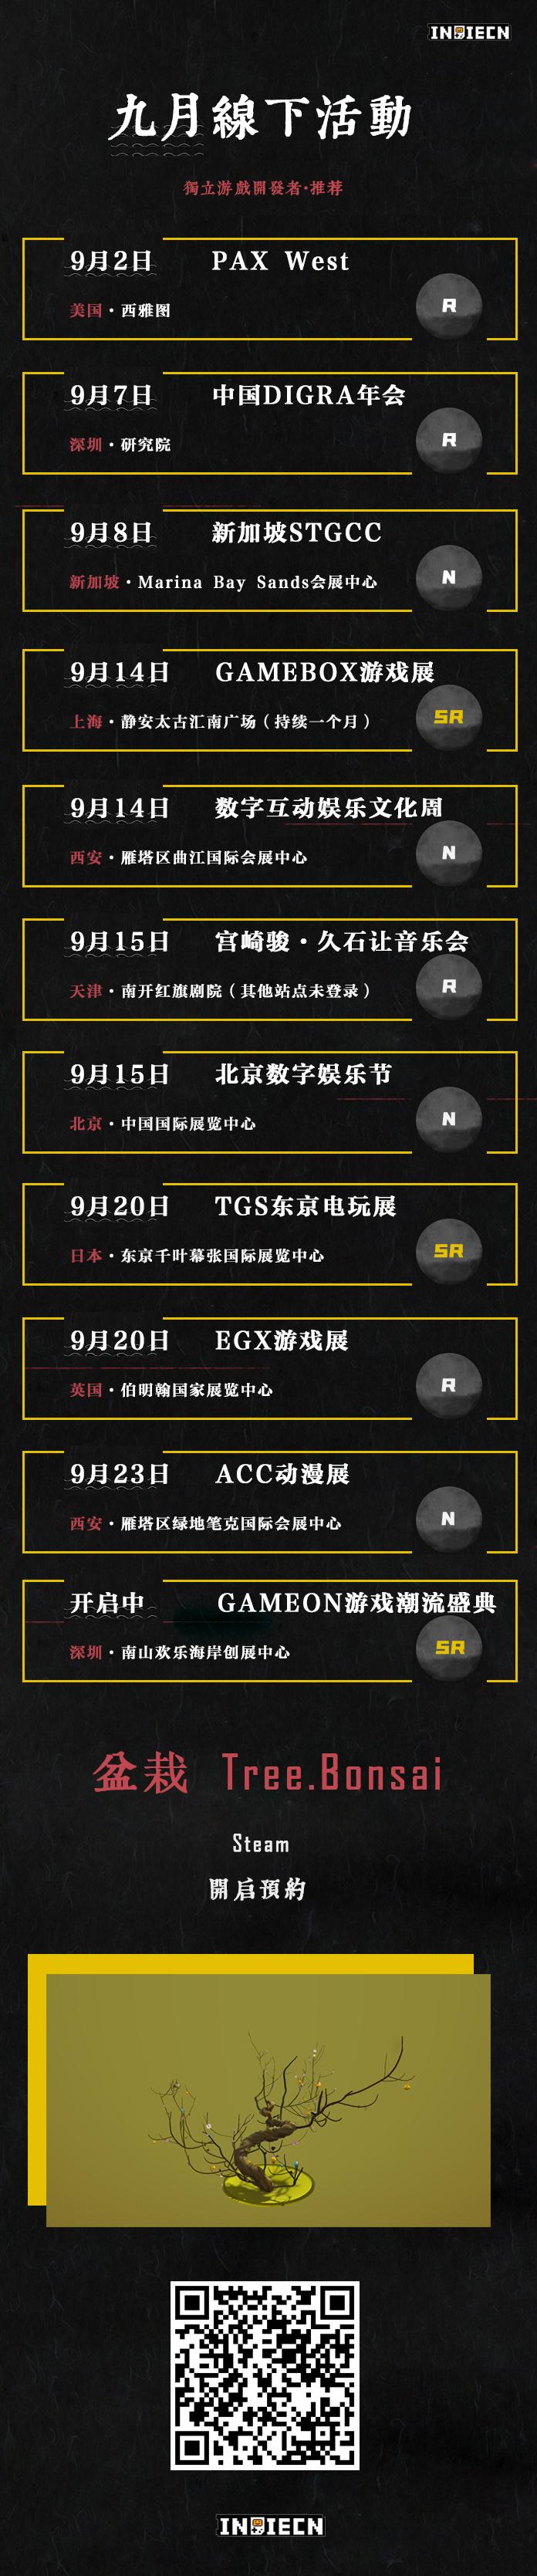 08271线下活动list.jpg